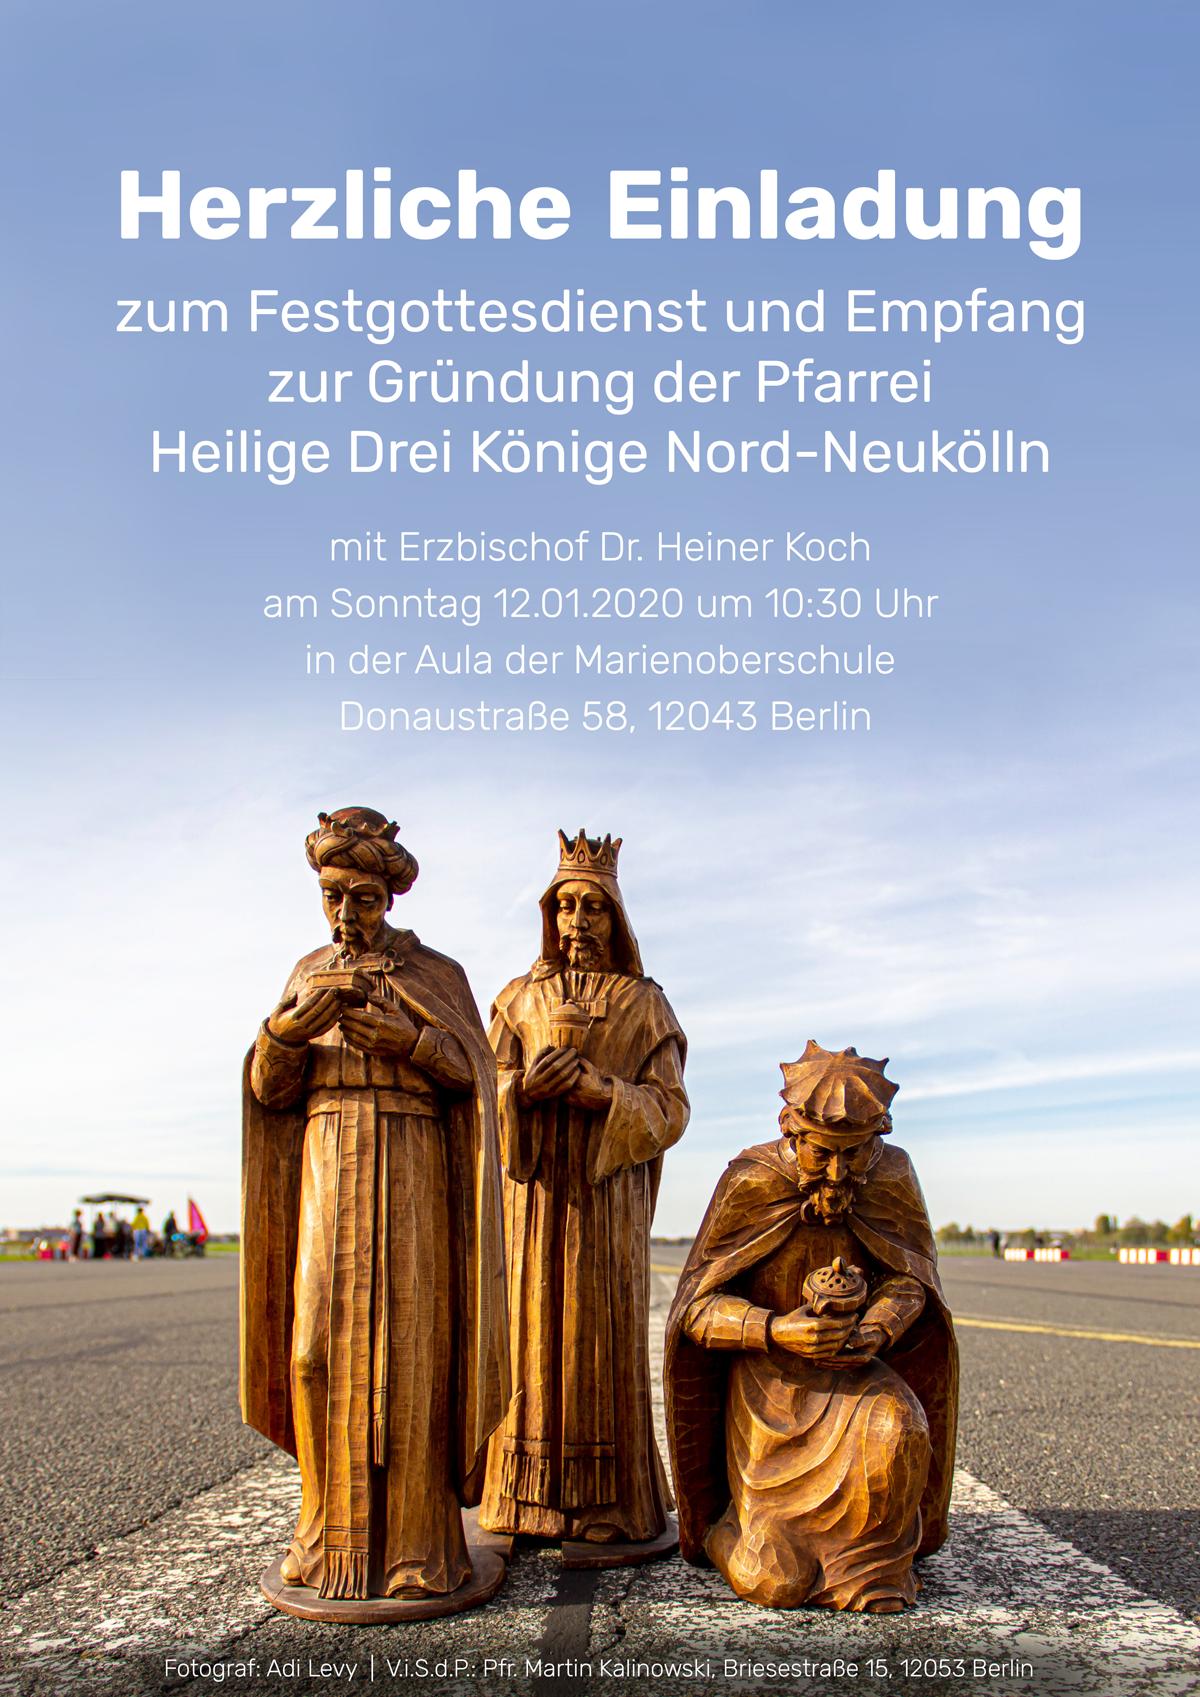 Festgottesdienst zur Gründung der neuen Pfarrei @ Marienschule, Aula   Berlin   Berlin   Deutschland